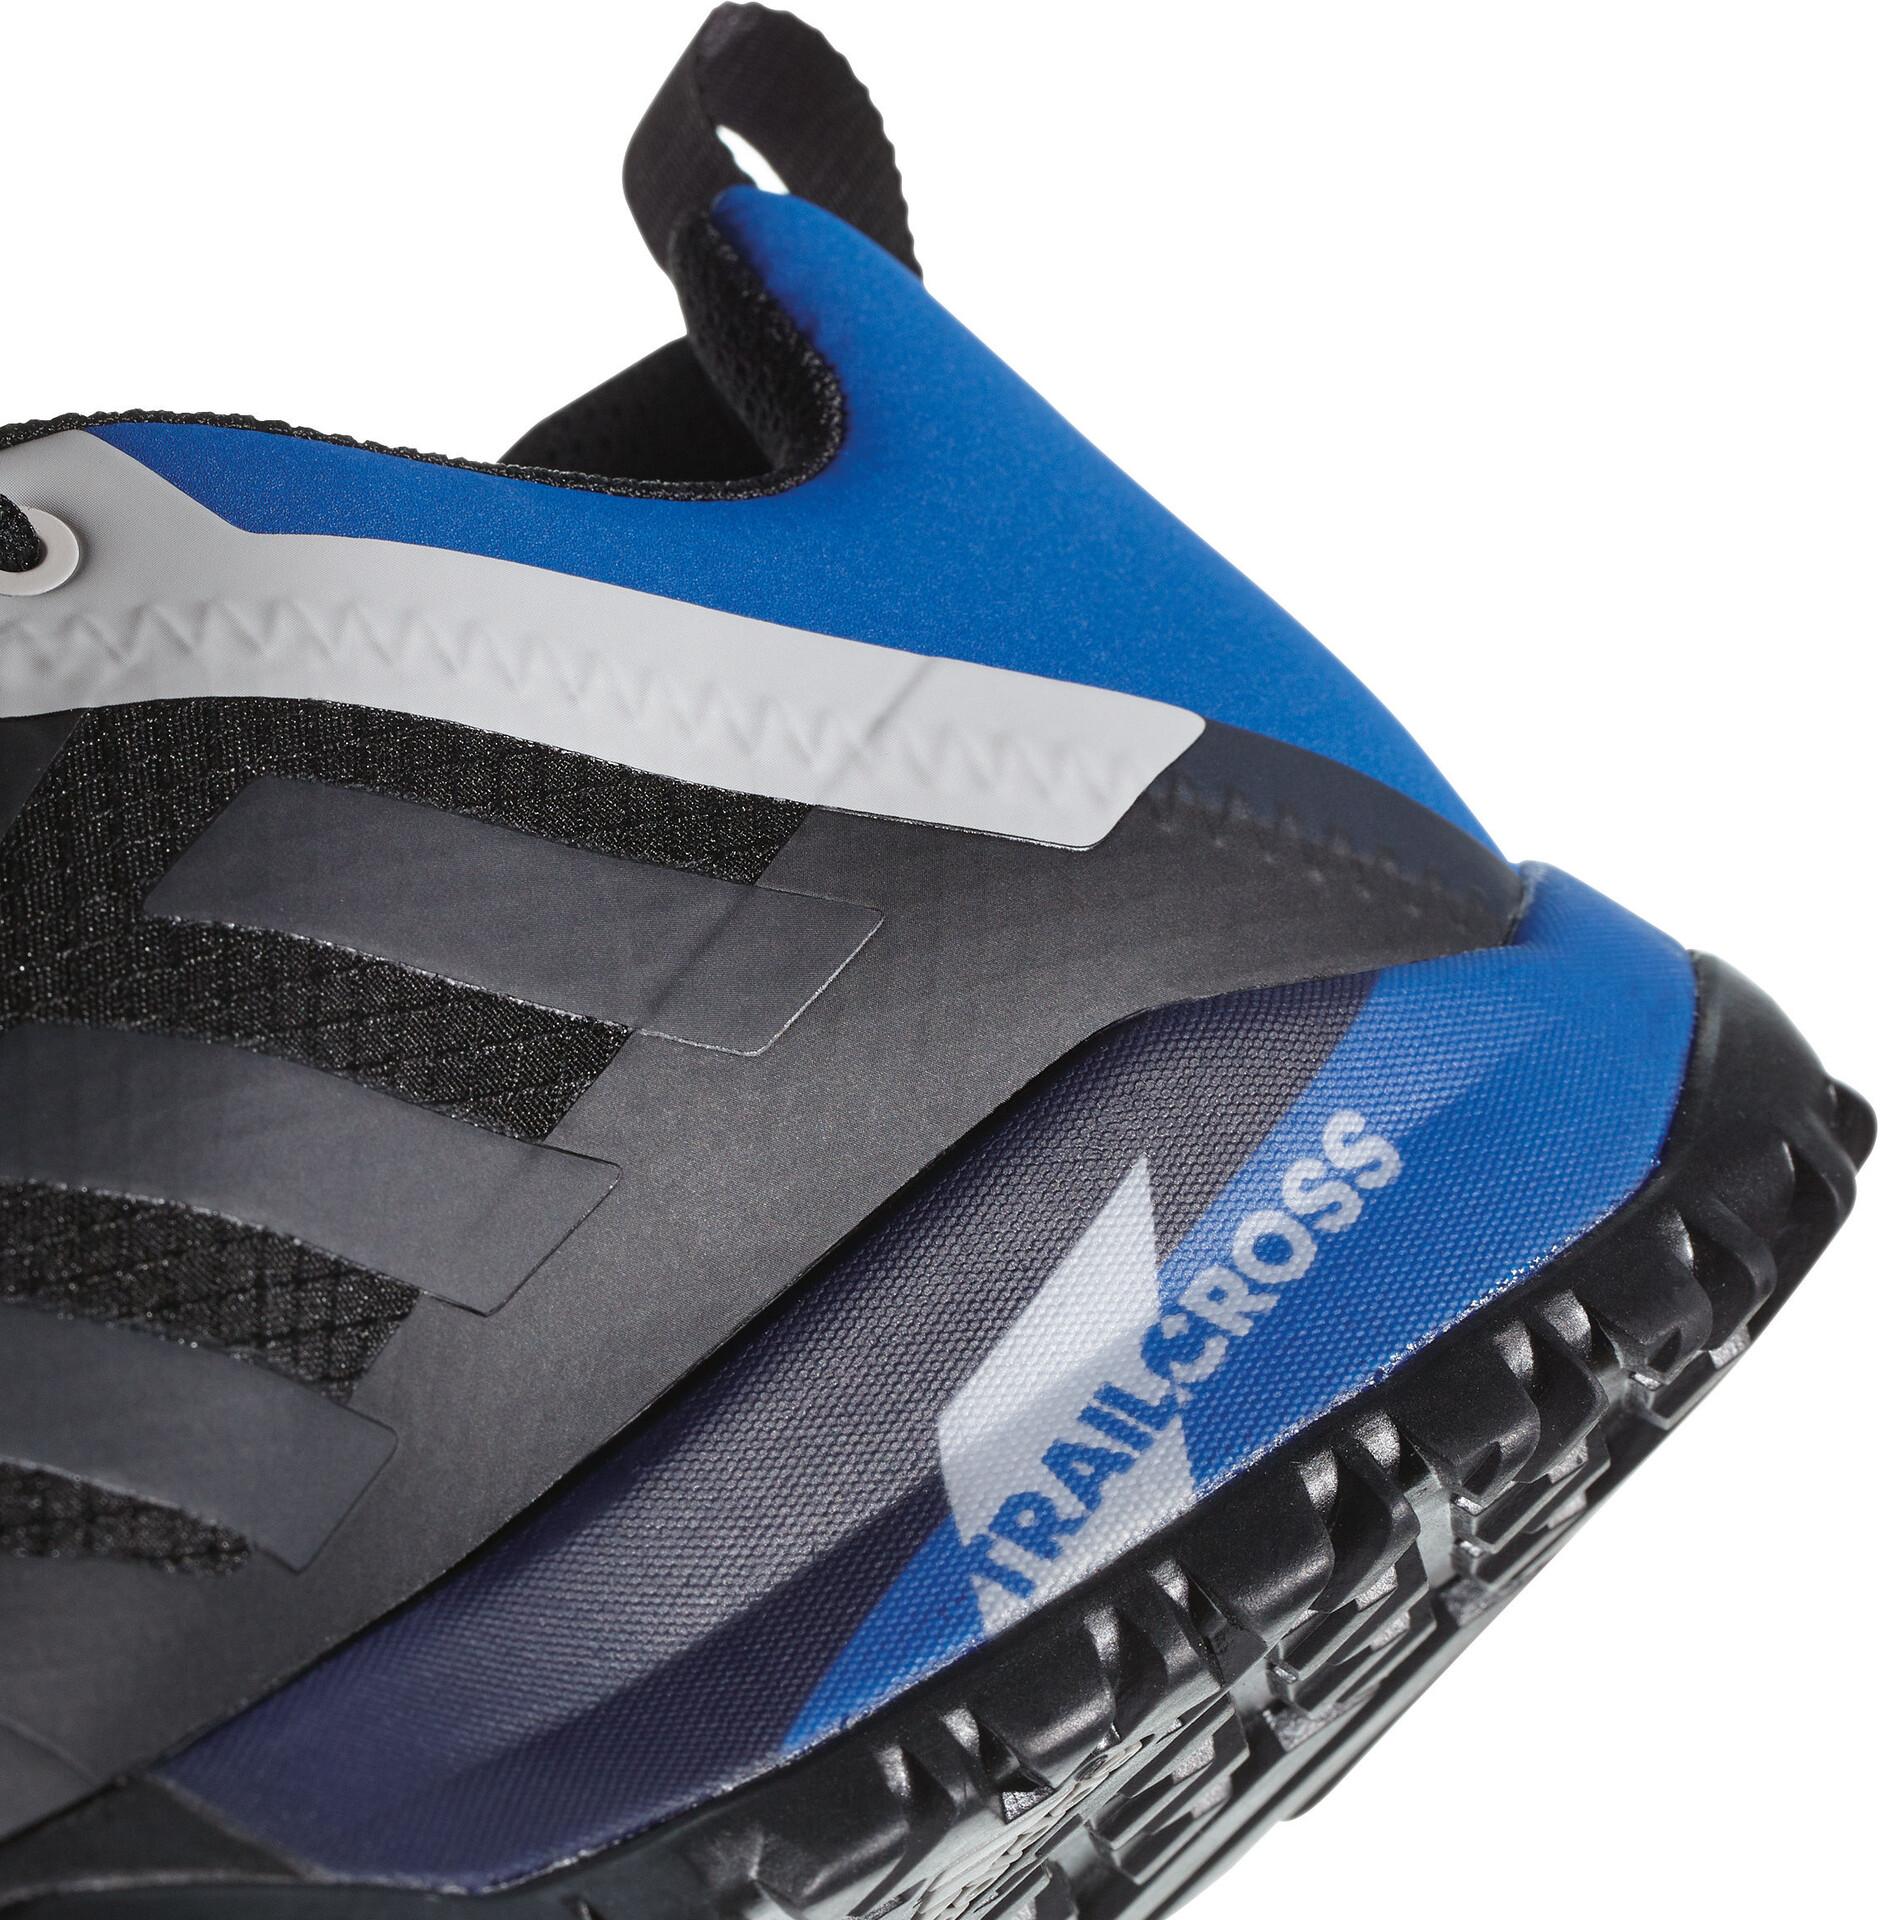 adidas schoenen heren donkerblauw